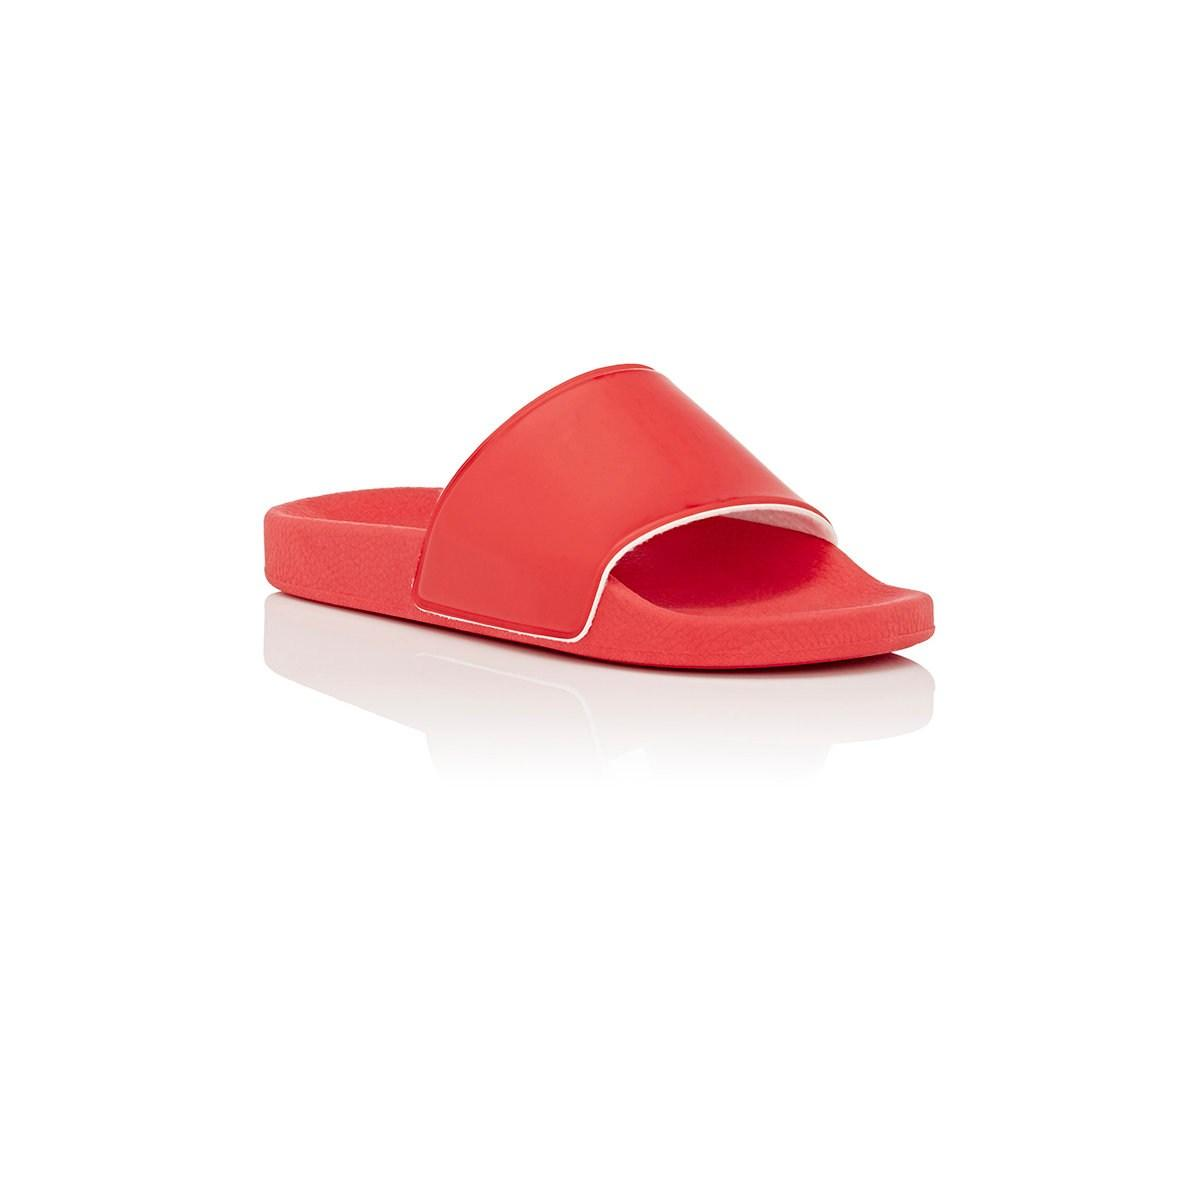 fecd9d1d0 Barneys New York - Red Rubber Slide Sandals for Men - Lyst. View fullscreen